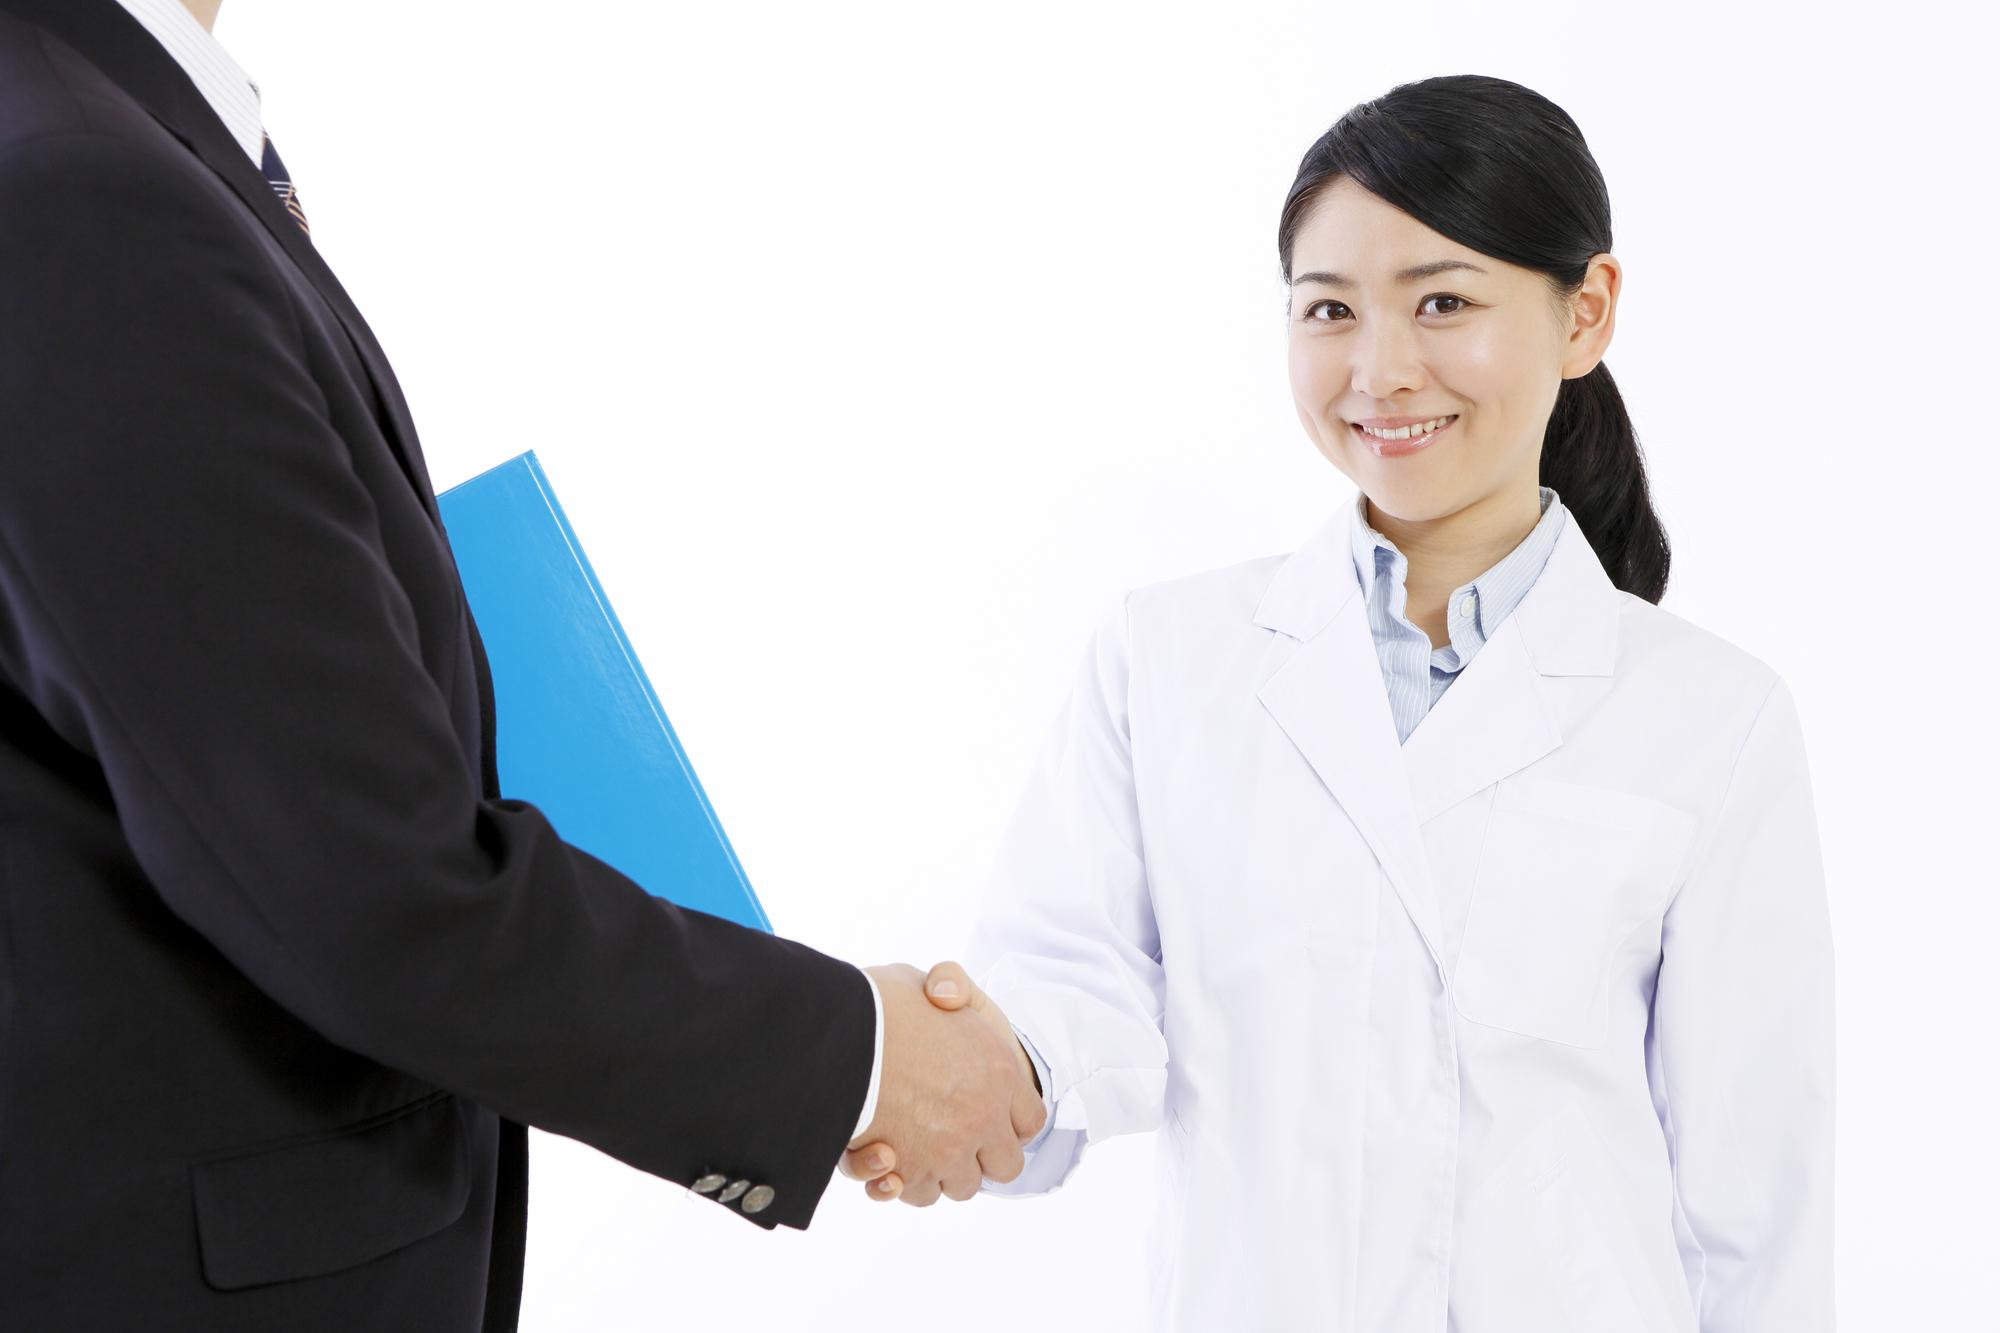 薬剤師 転職エージェント 握手